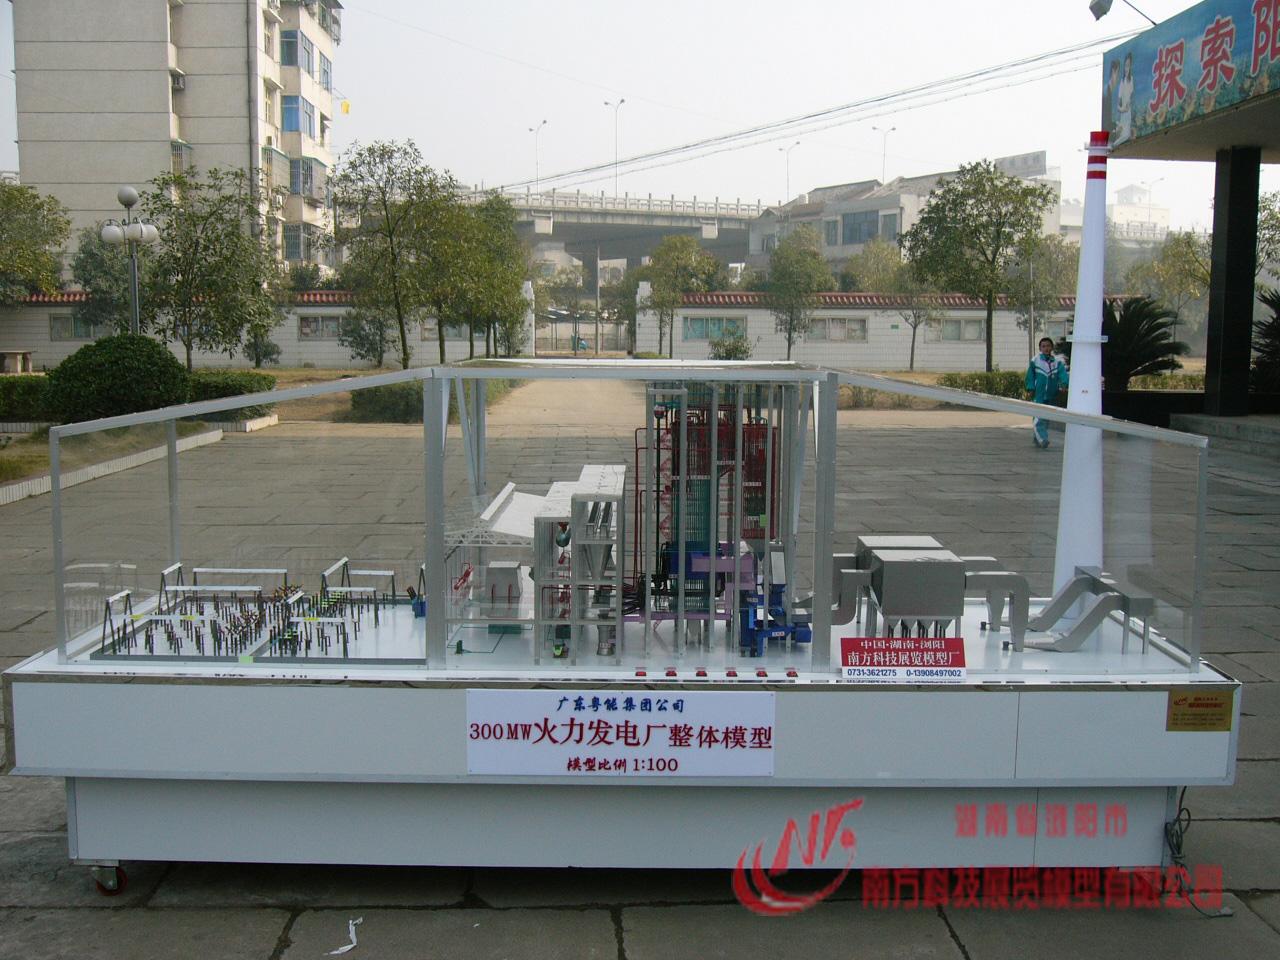 300MW机组火力发电厂整体www.yzc888.com